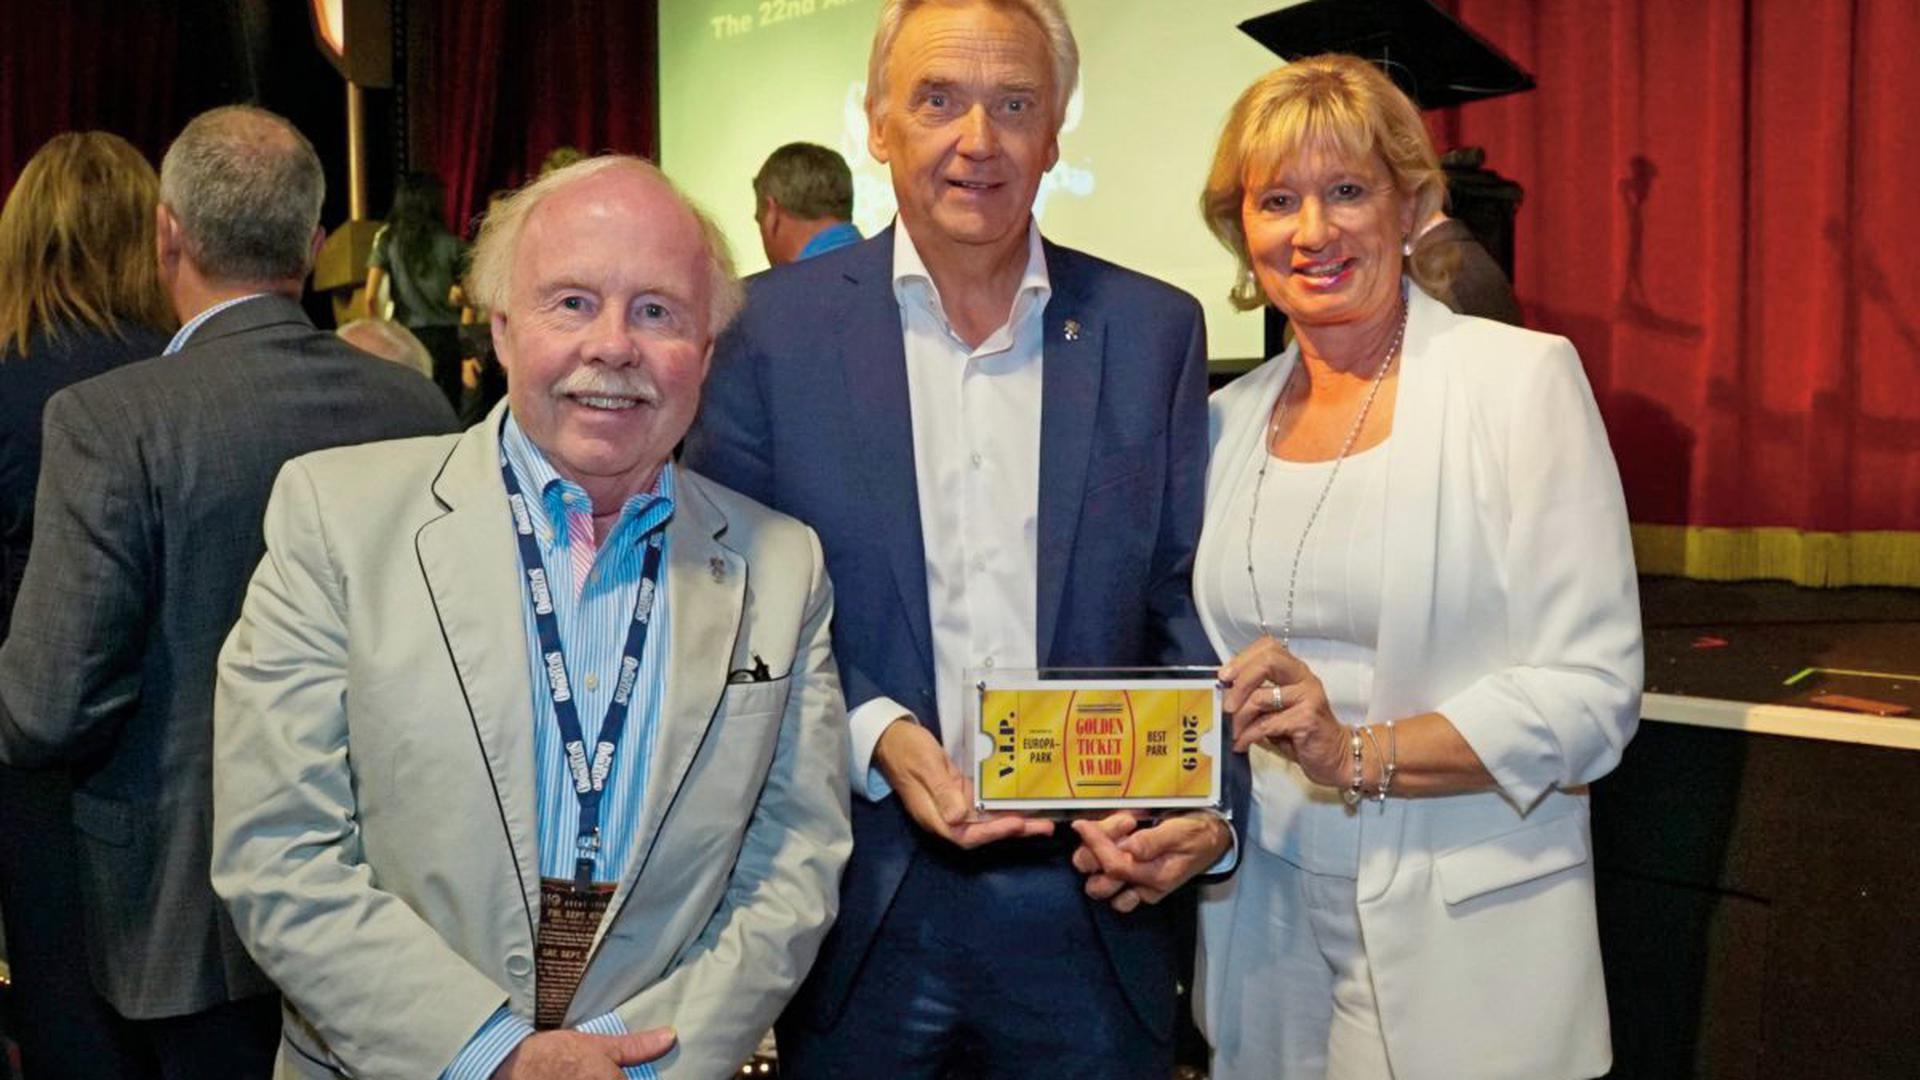 """Der ehemaligen Präsidenten des Weltverbandes der Freizeitindustrie (IAAPA) James """"Chip"""" Cleary zusammen mit Europa-Park Inhaber Jürgen Mack sowie seiner Ehefrau Mauritia."""